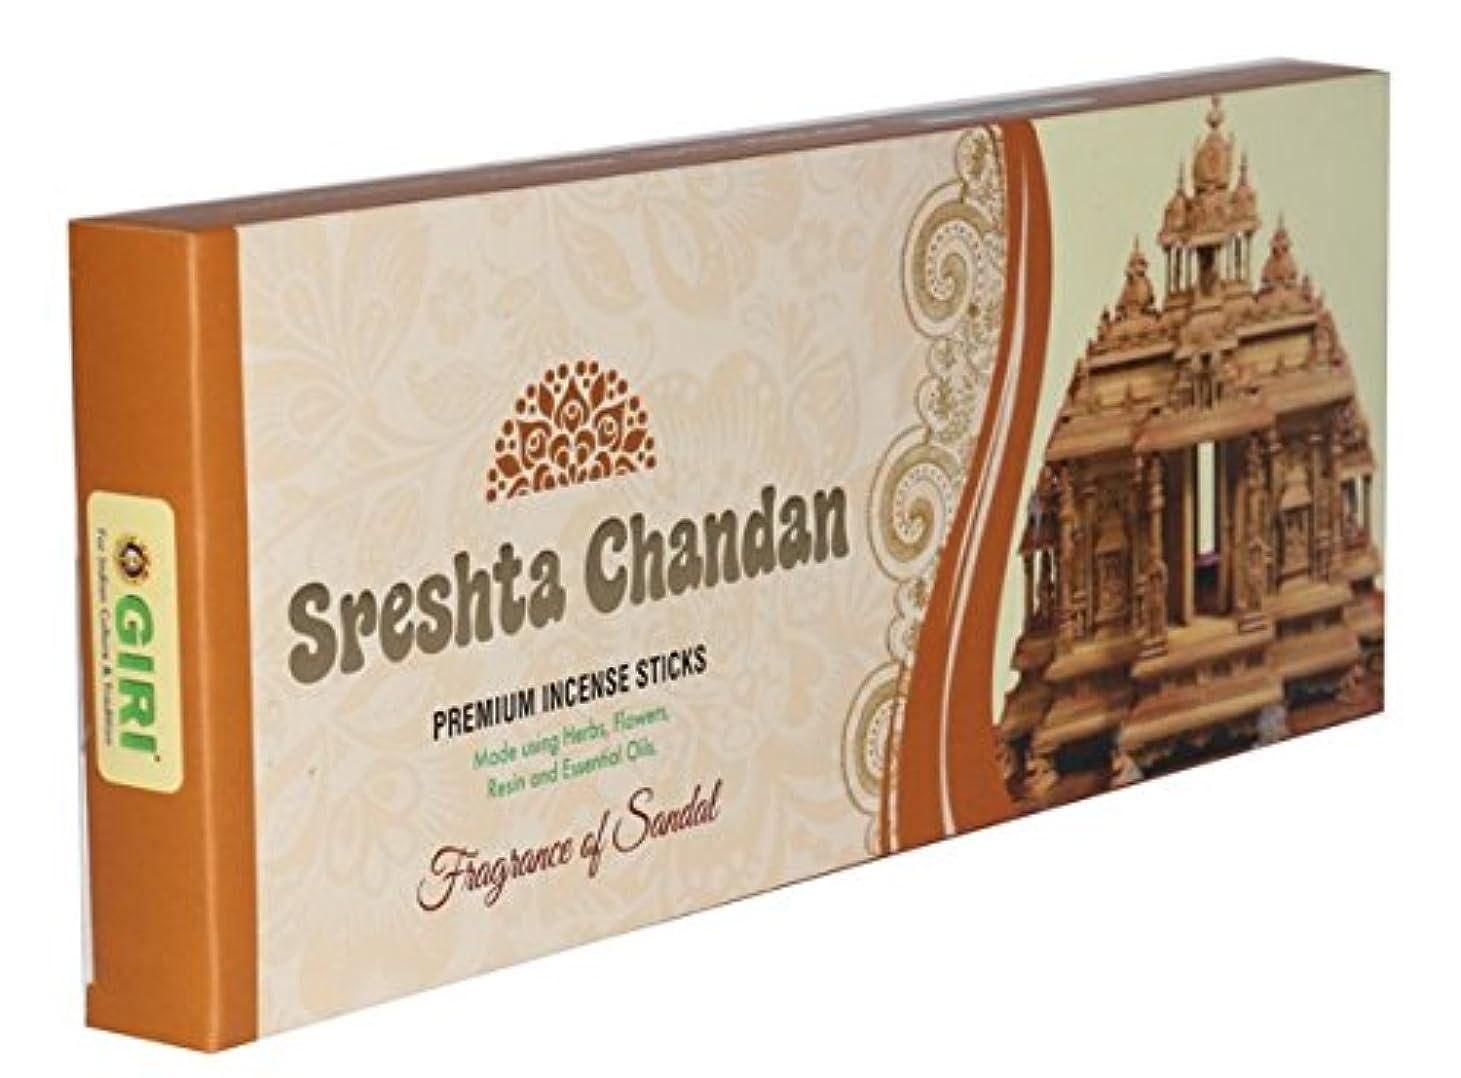 ページェント危険にさらされているスケルトンGiri Sreshta Chandan Flora 30本お香スティック